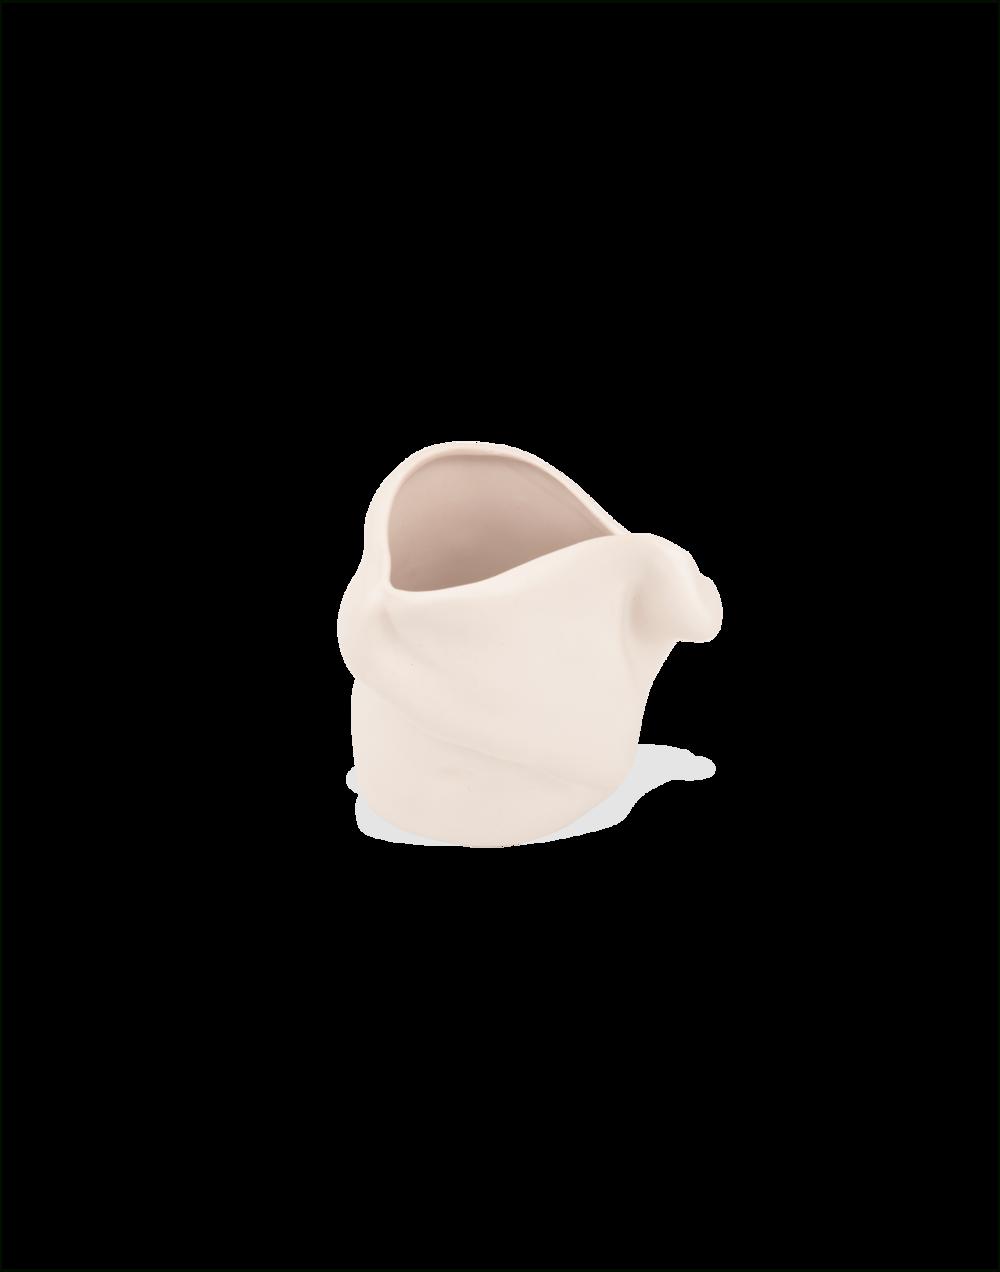 Completedworks-Ceramics-Object-5-4-1.png